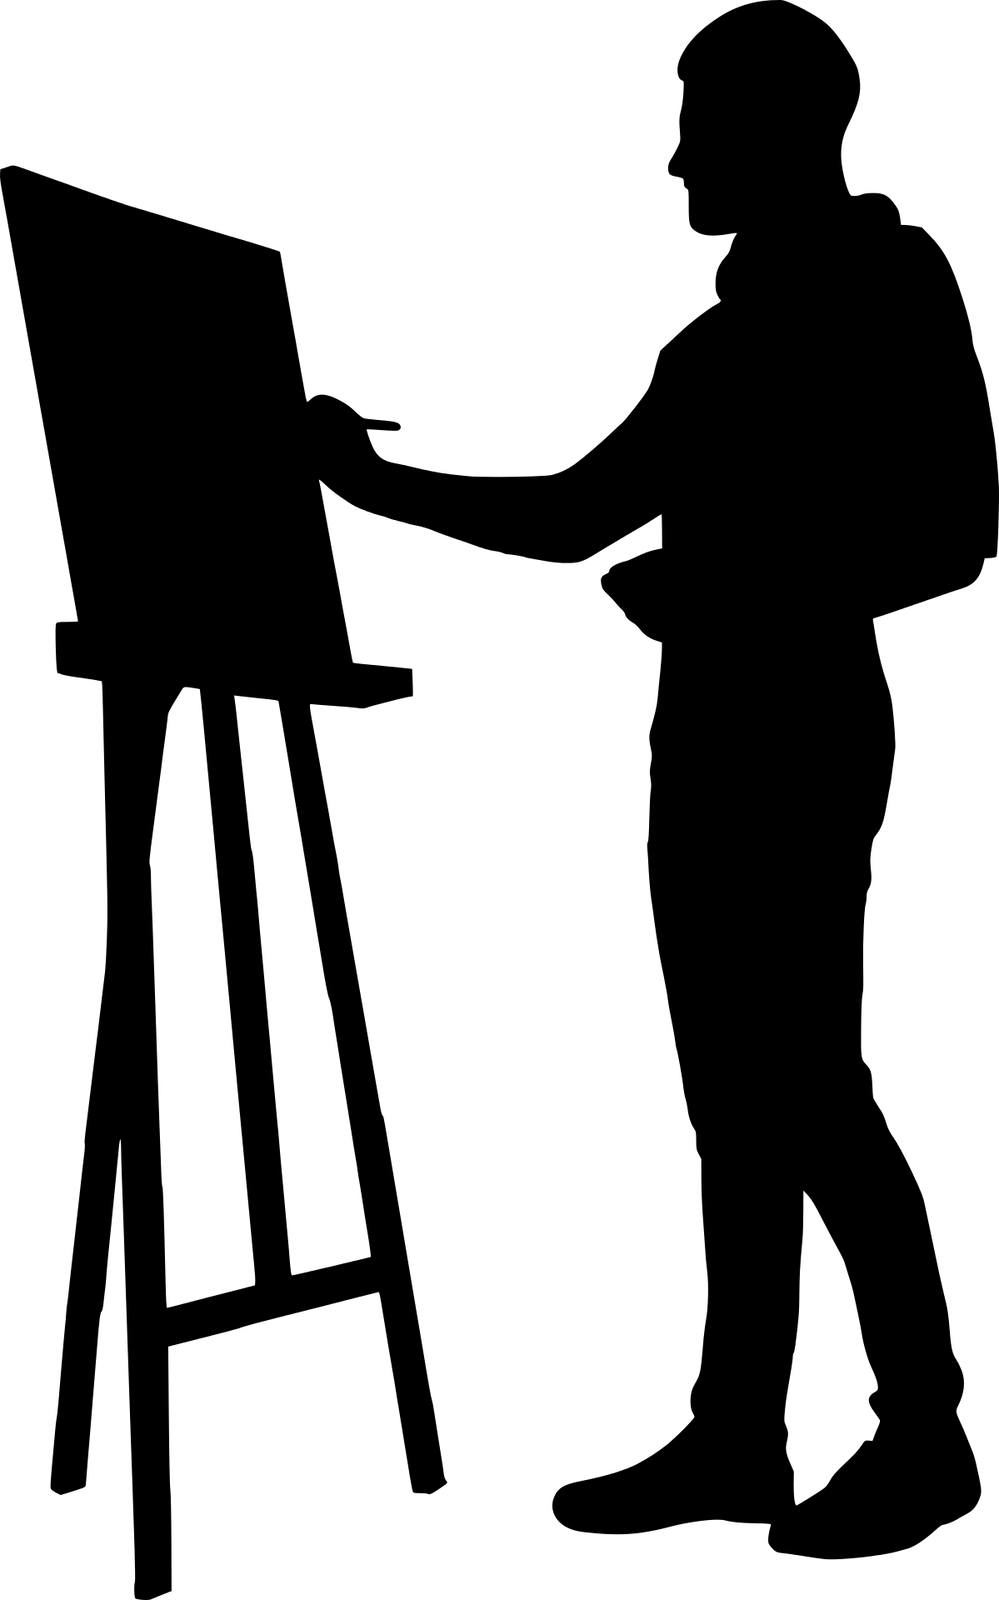 Ilustracja wektorowa przedstawiająca sylwetkę artysty.